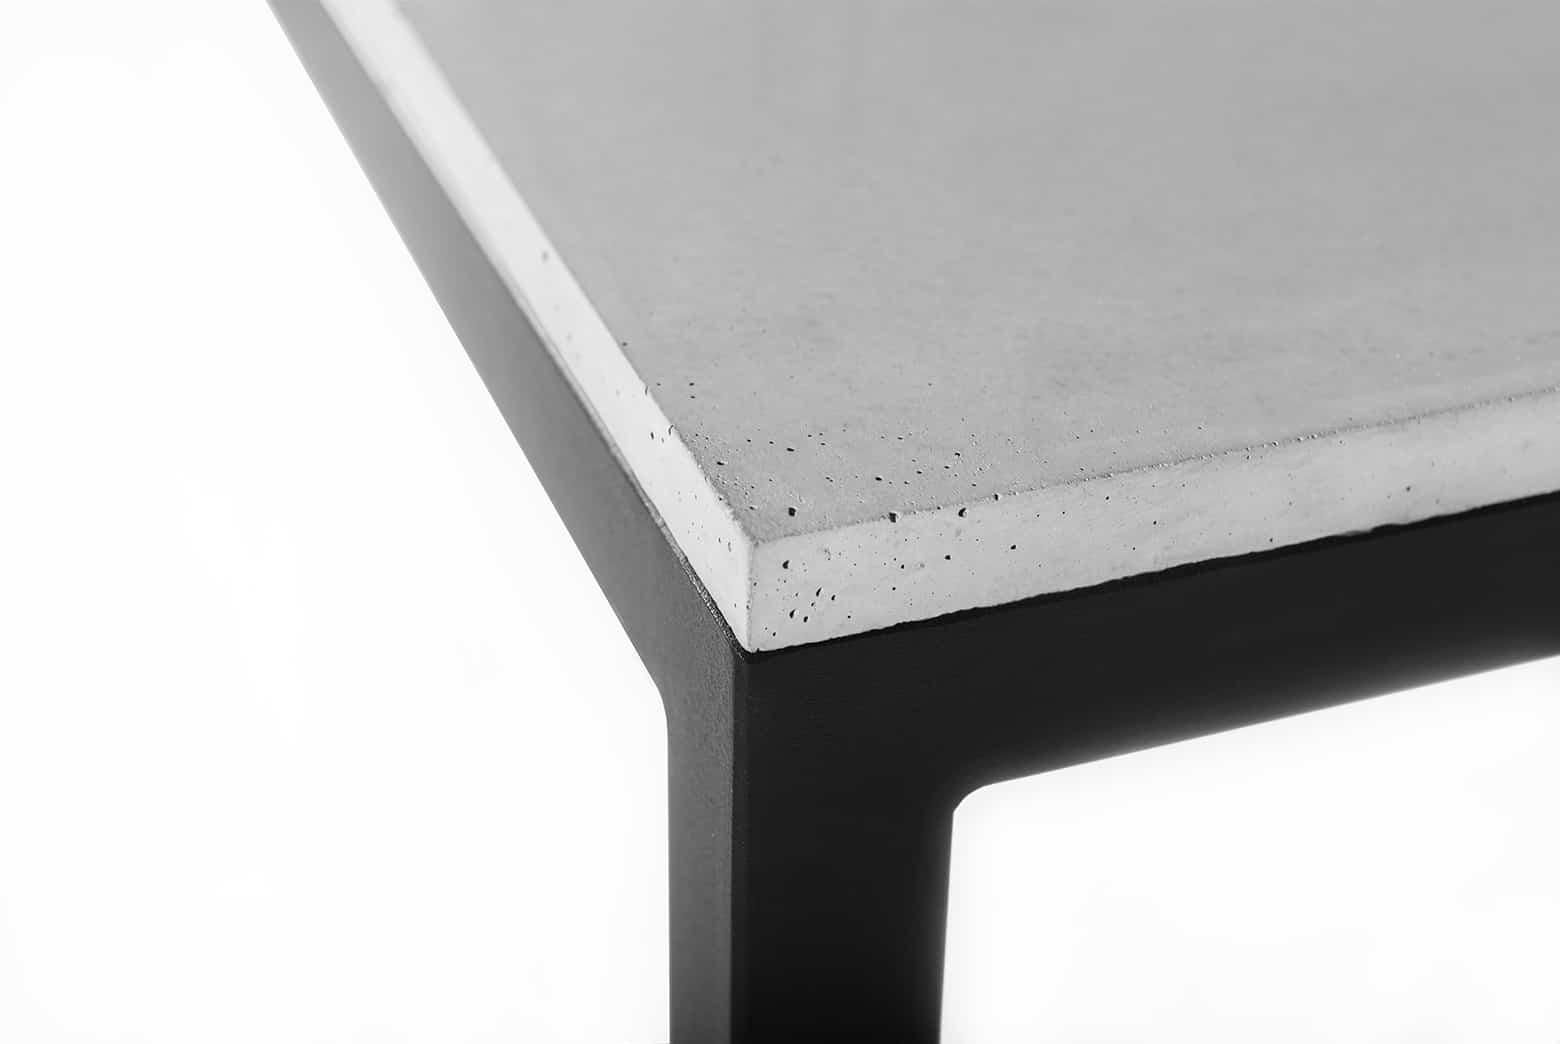 Struktura gładka mebli betonowych